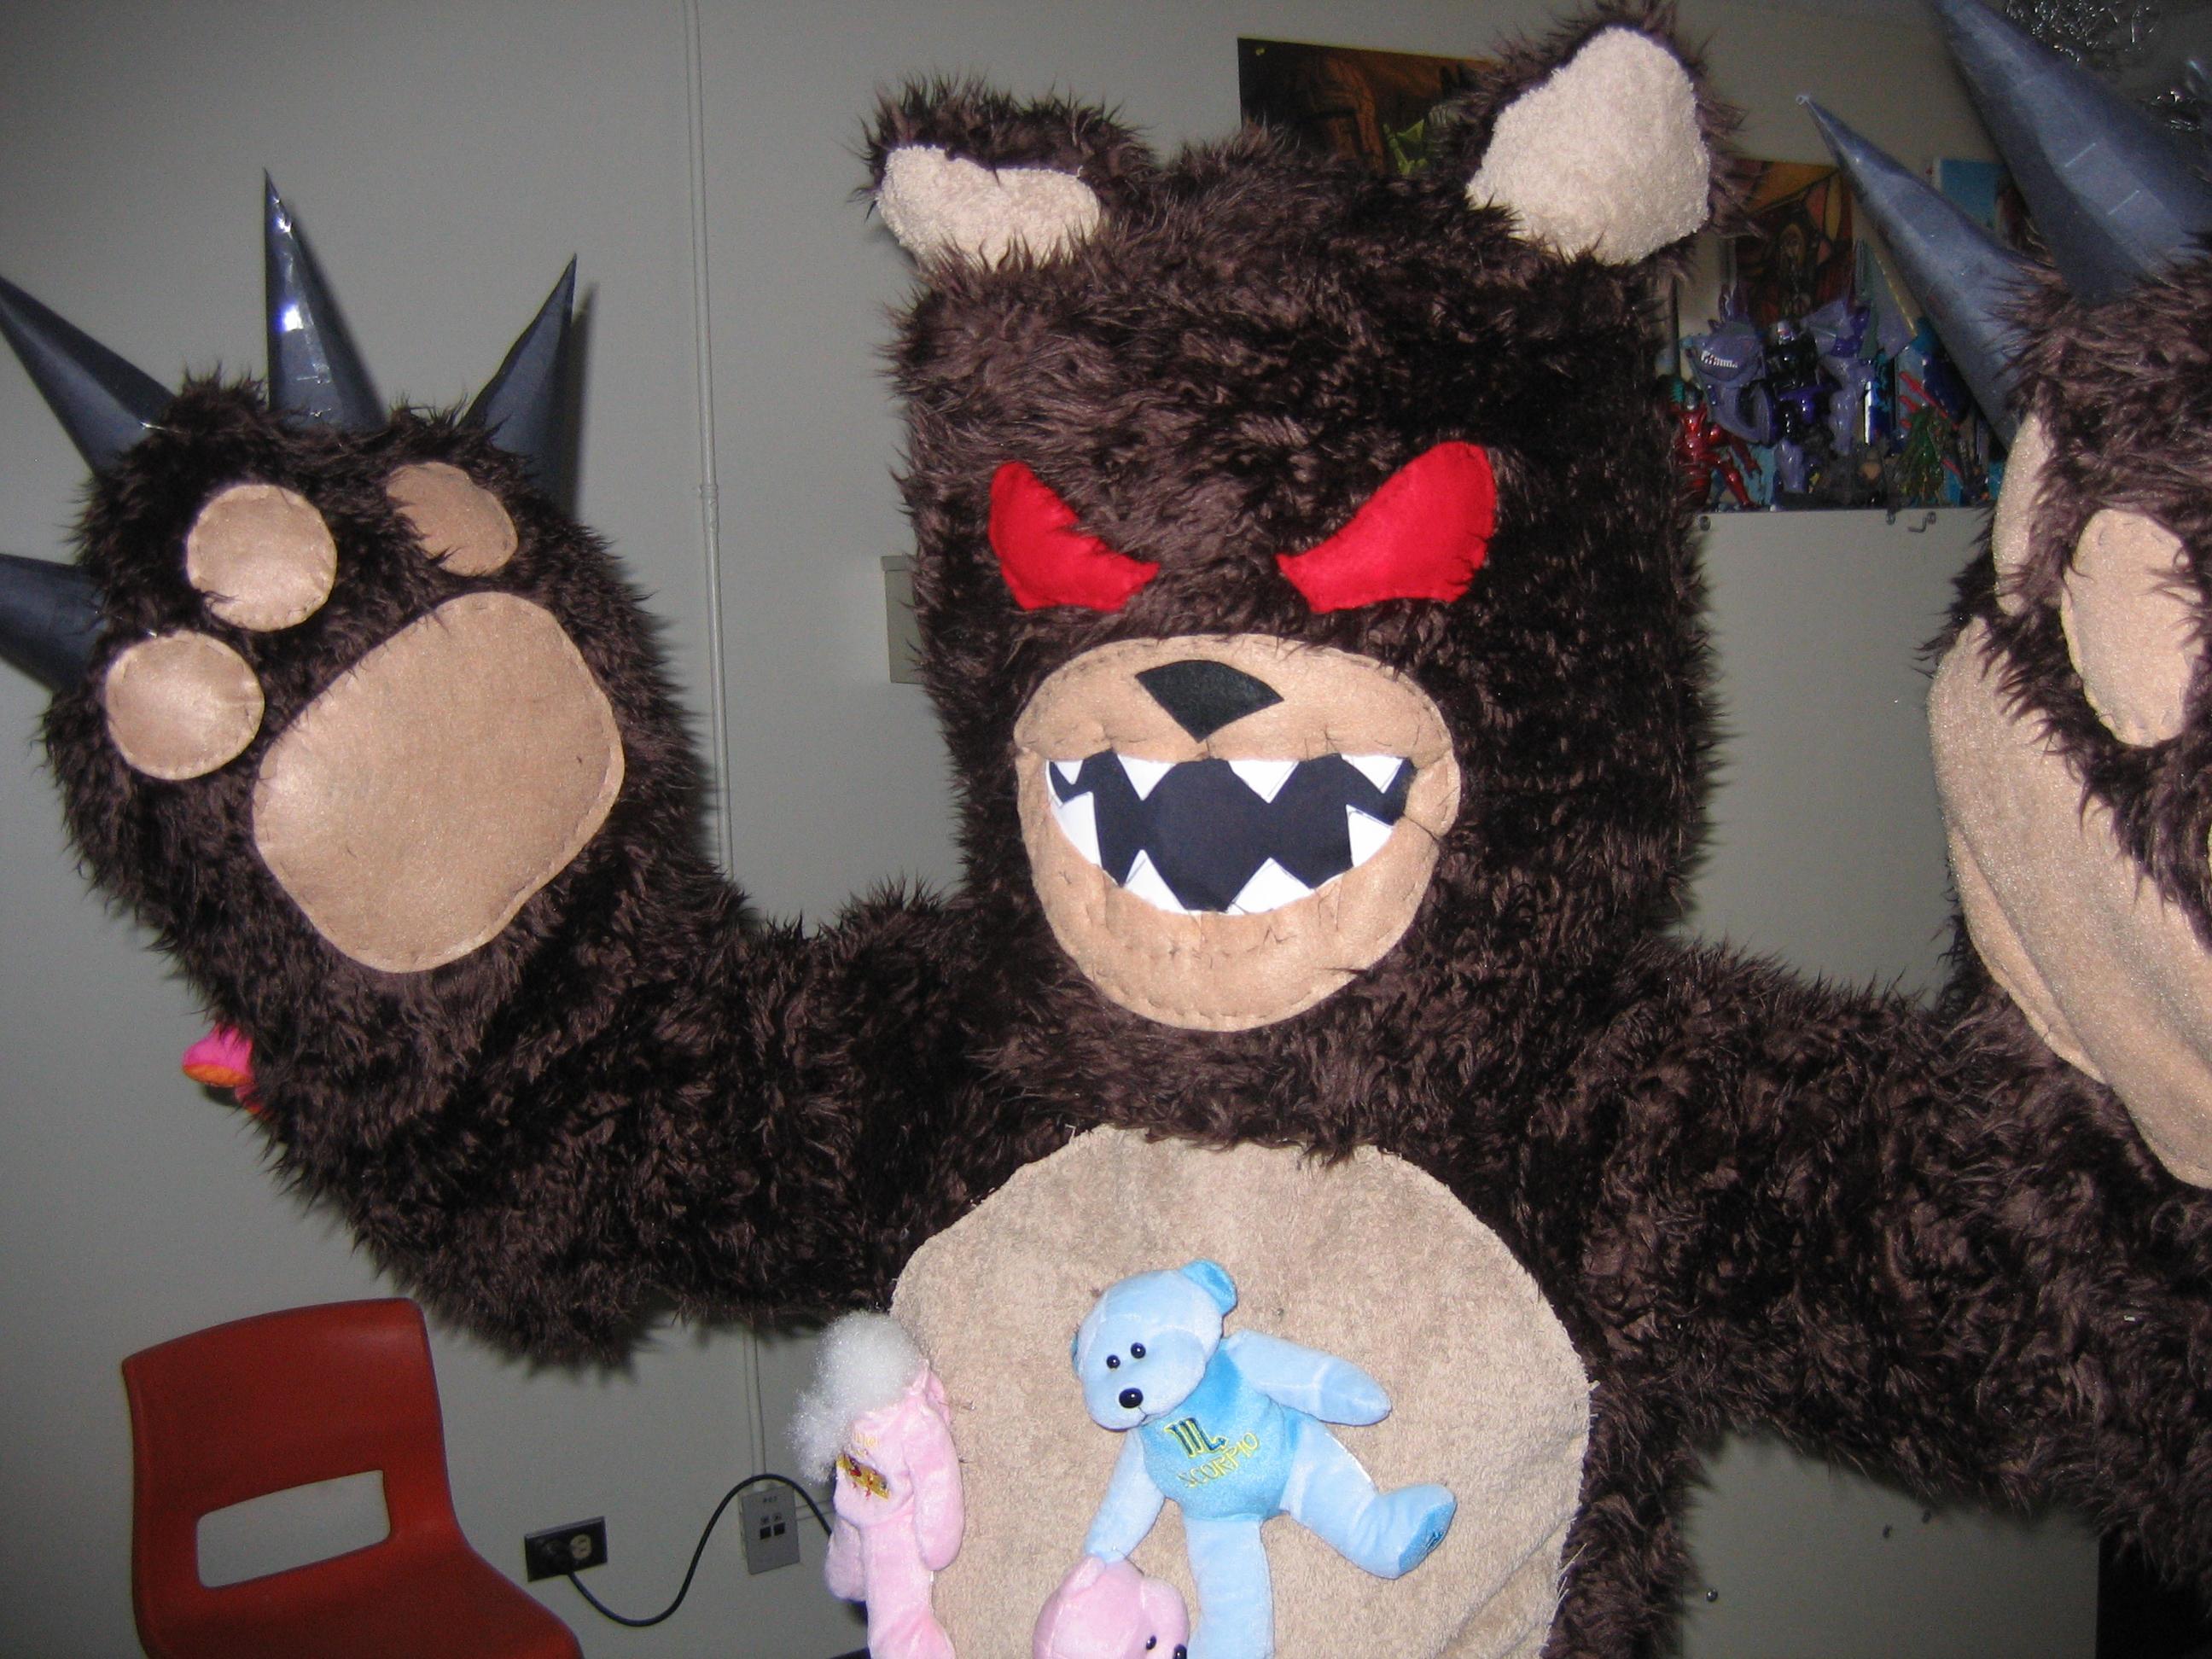 ... Giant Evil Teddy Bear 2 by wizardofosmond & Giant Evil Teddy Bear 2 by wizardofosmond on DeviantArt